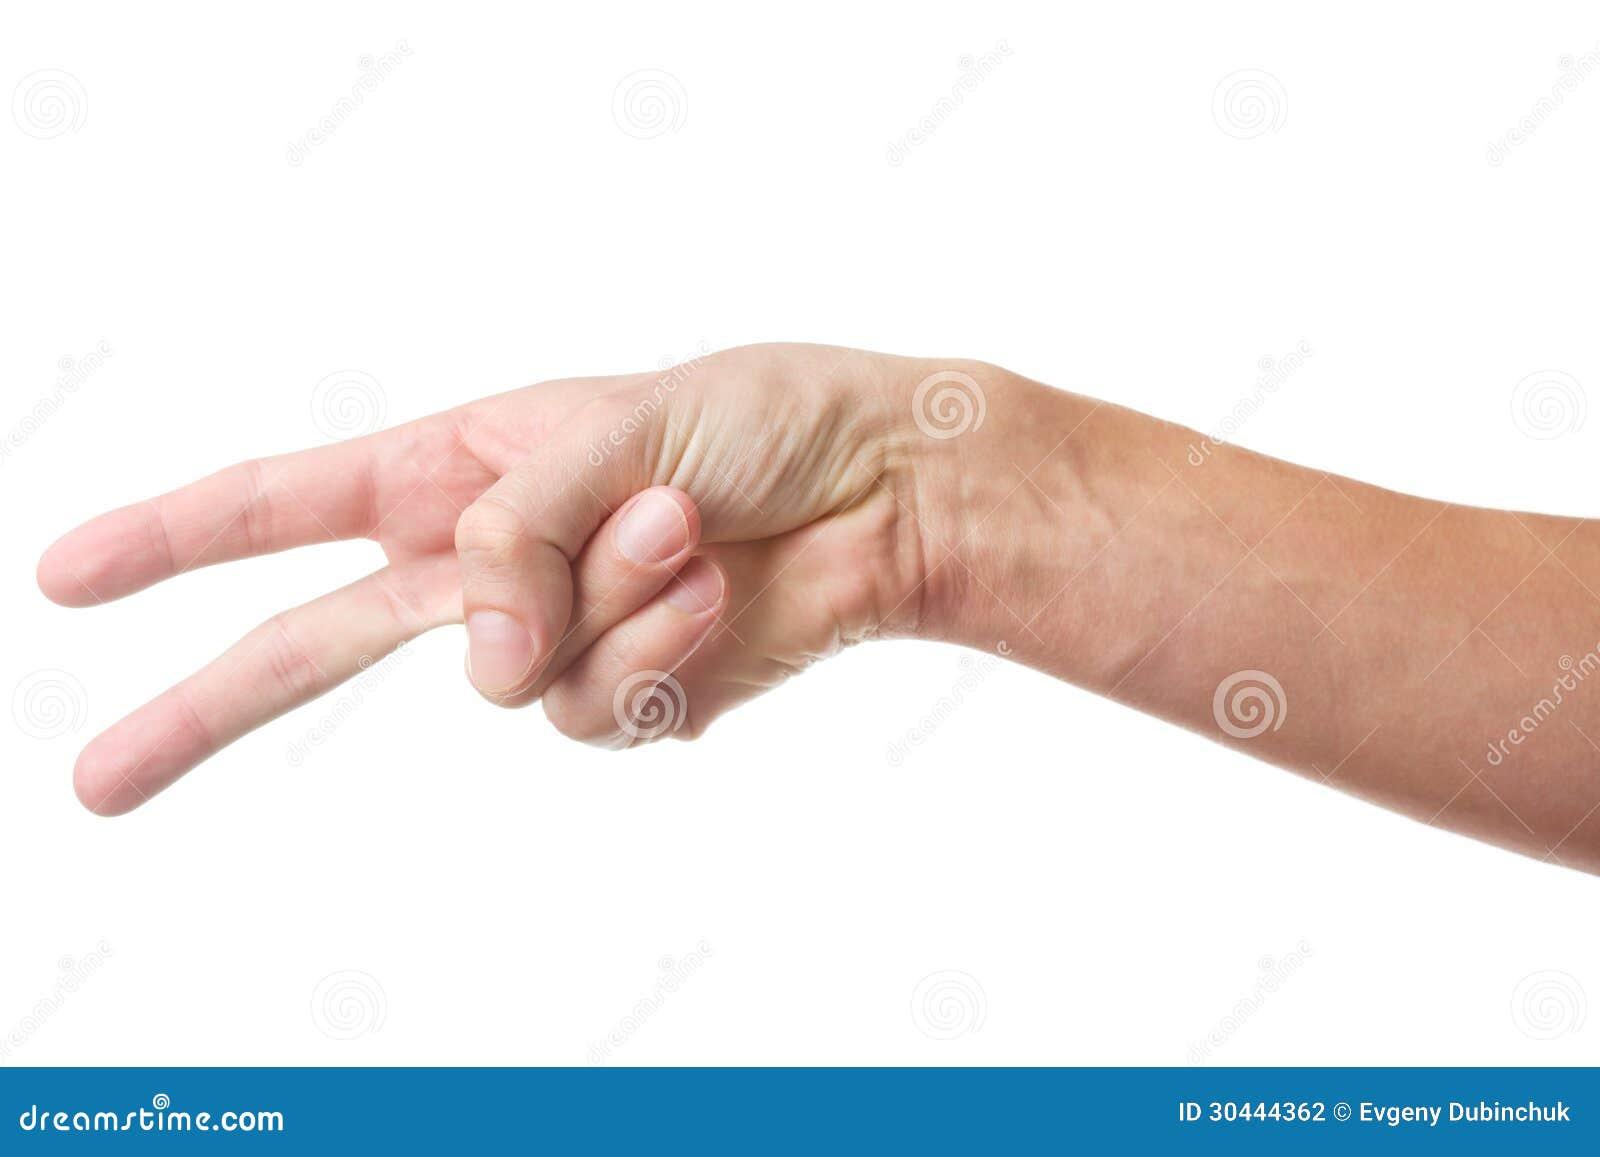 handzeichen mit zwei fingern stockfotografie bild 30444362. Black Bedroom Furniture Sets. Home Design Ideas